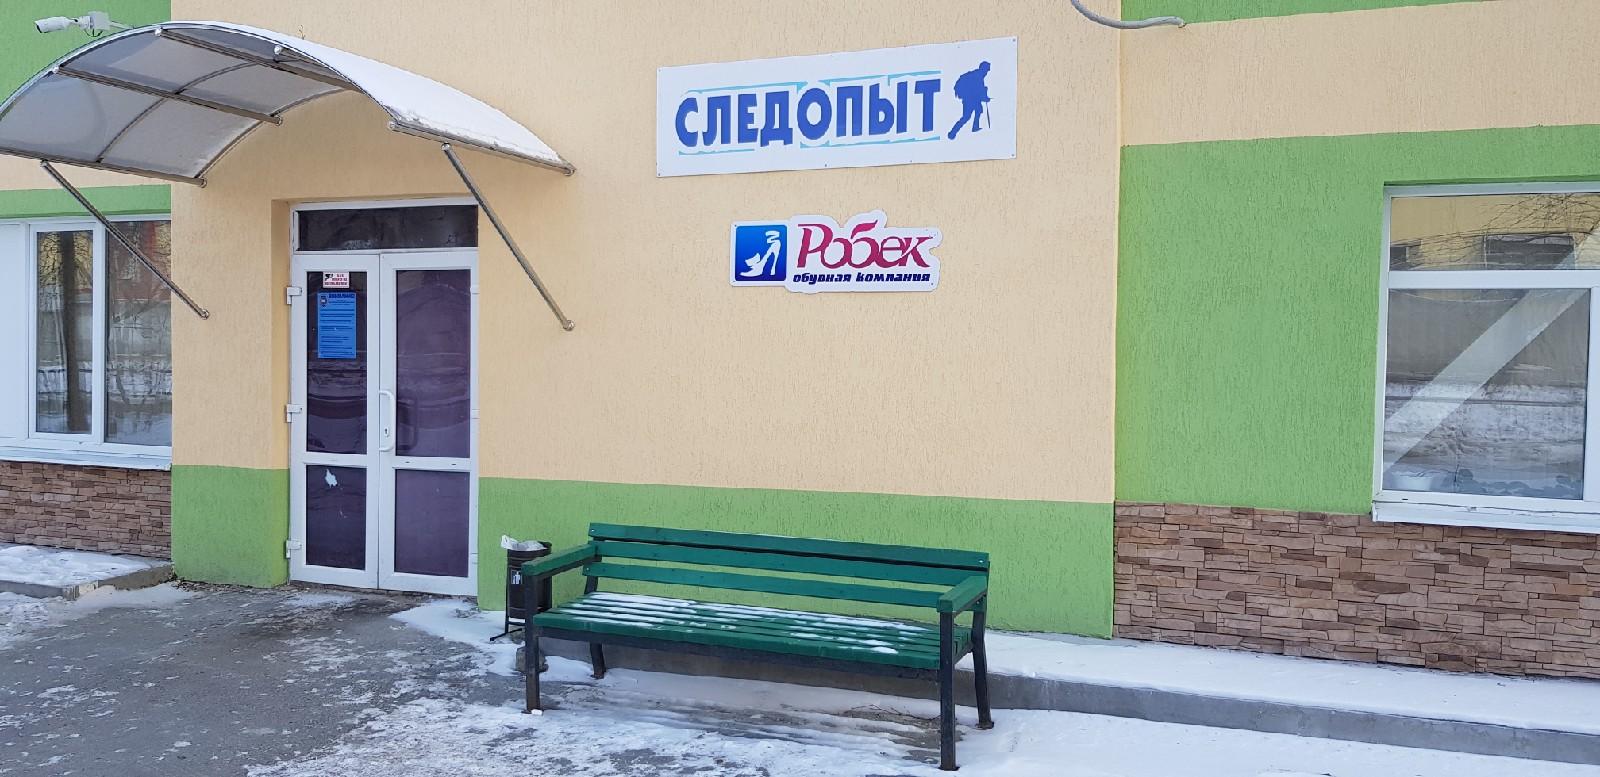 Робек Интернет Магазин Екатеринбург